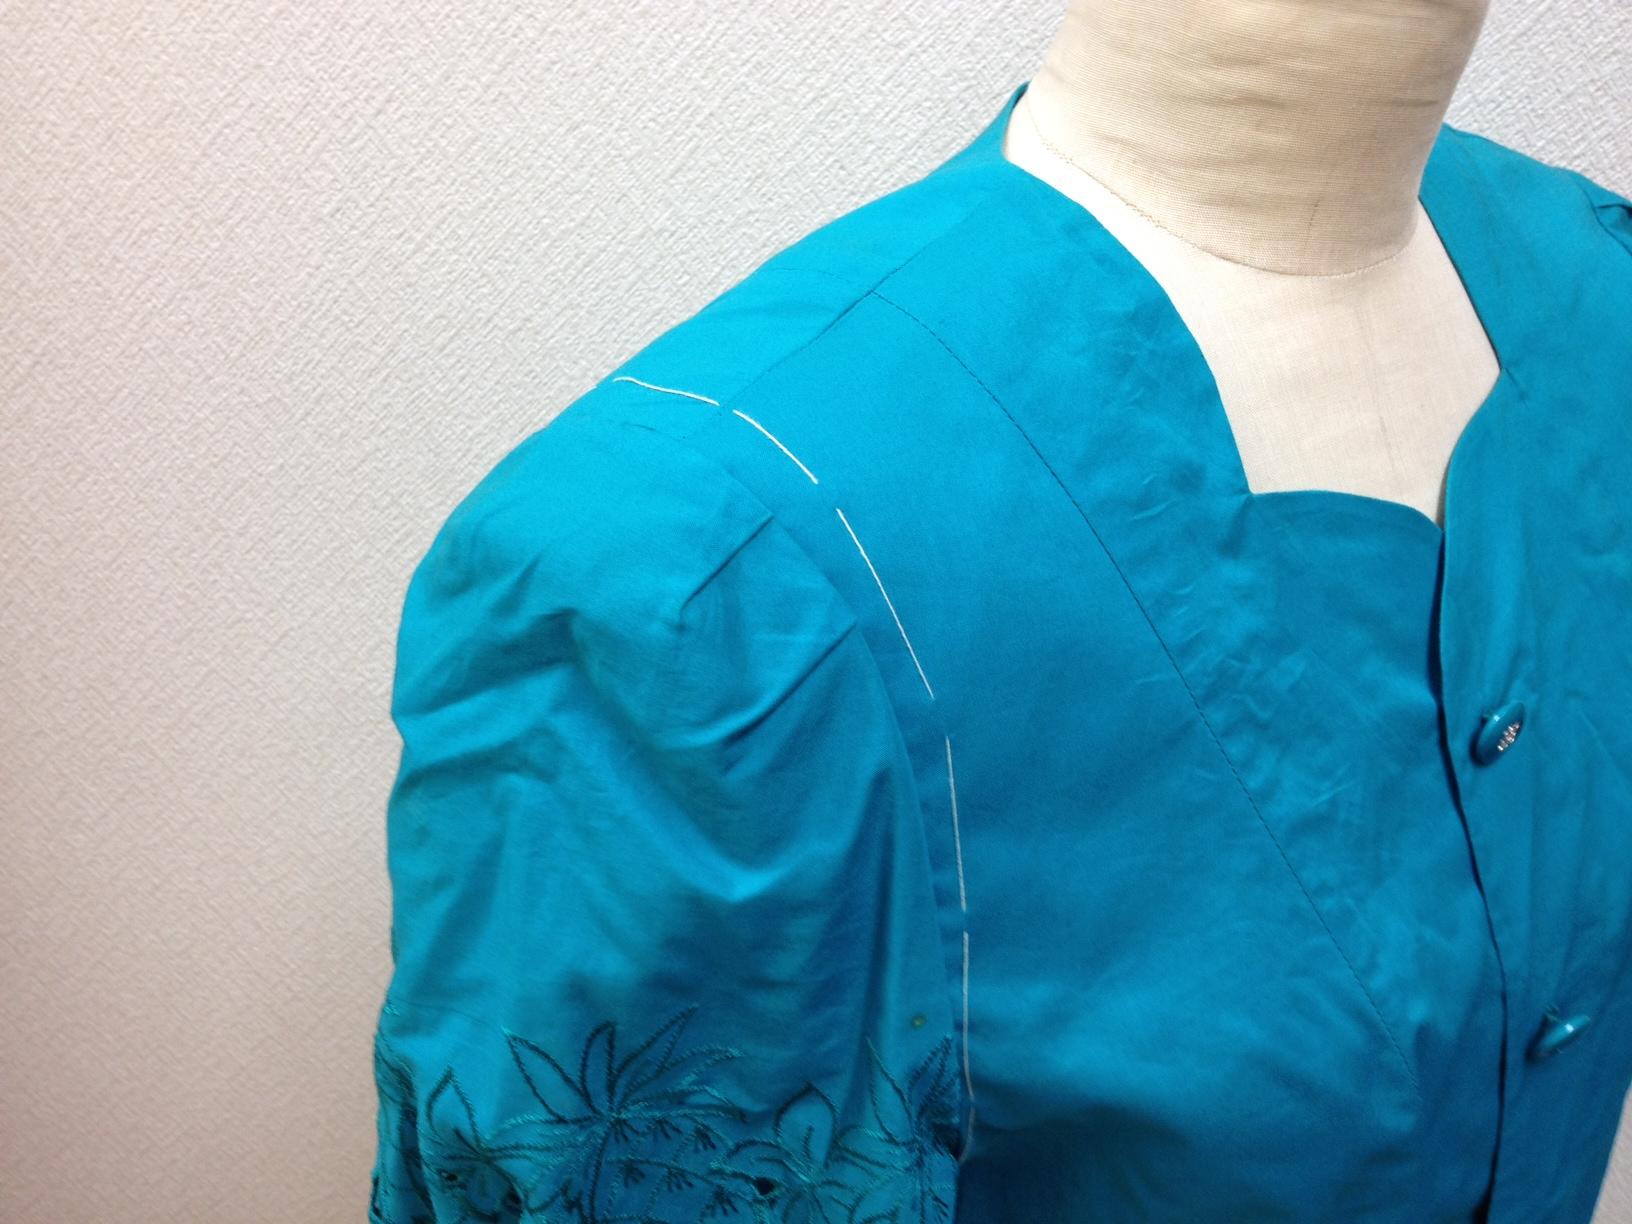 レディースジャケットの袖のギャザーを外すbefore